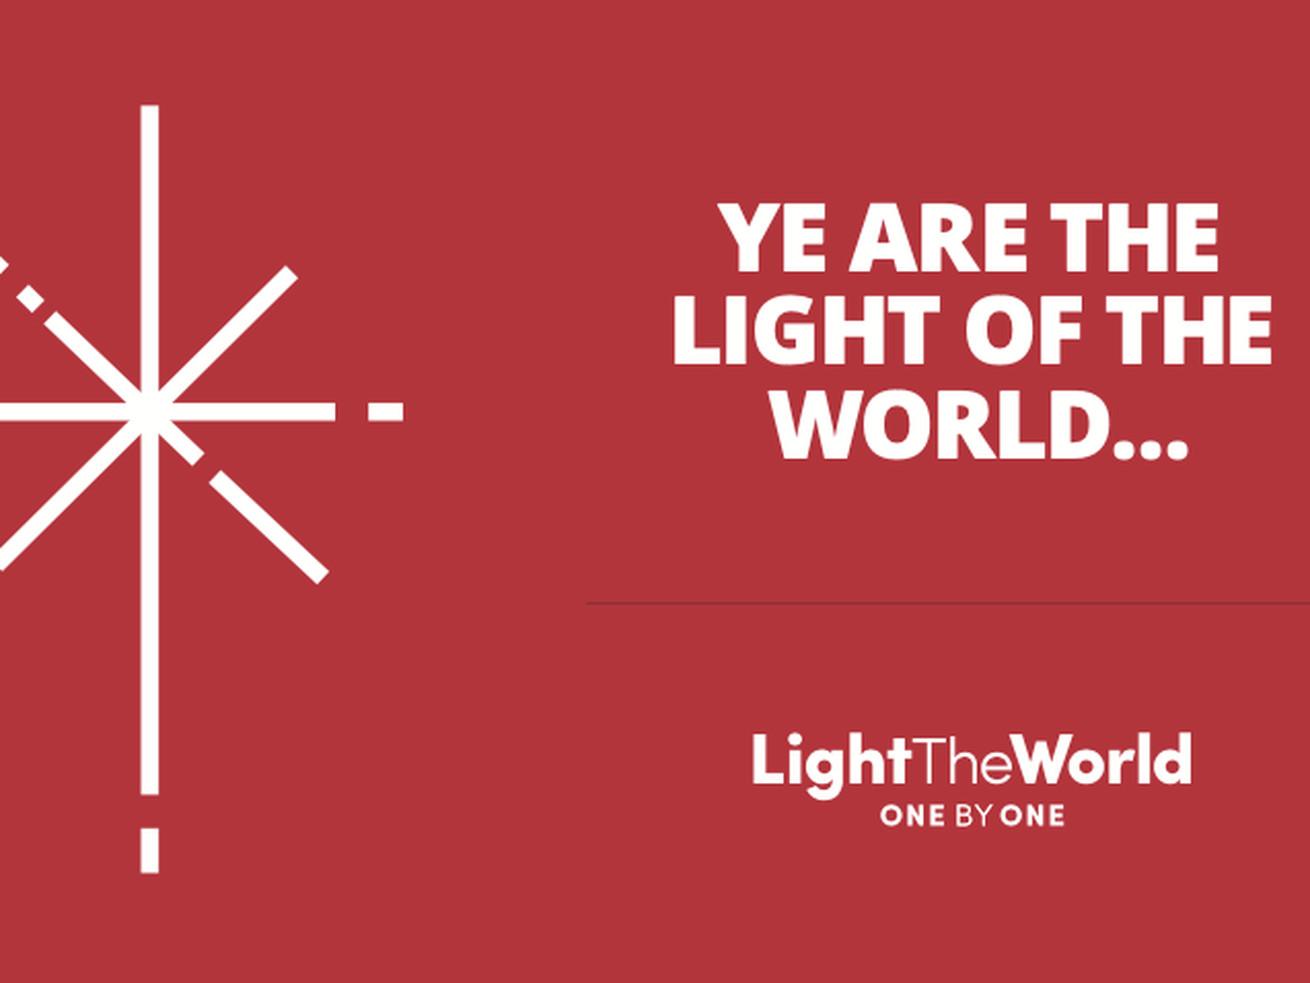 President Nelson builds bridge from #GiveThanks to #LightTheWorld